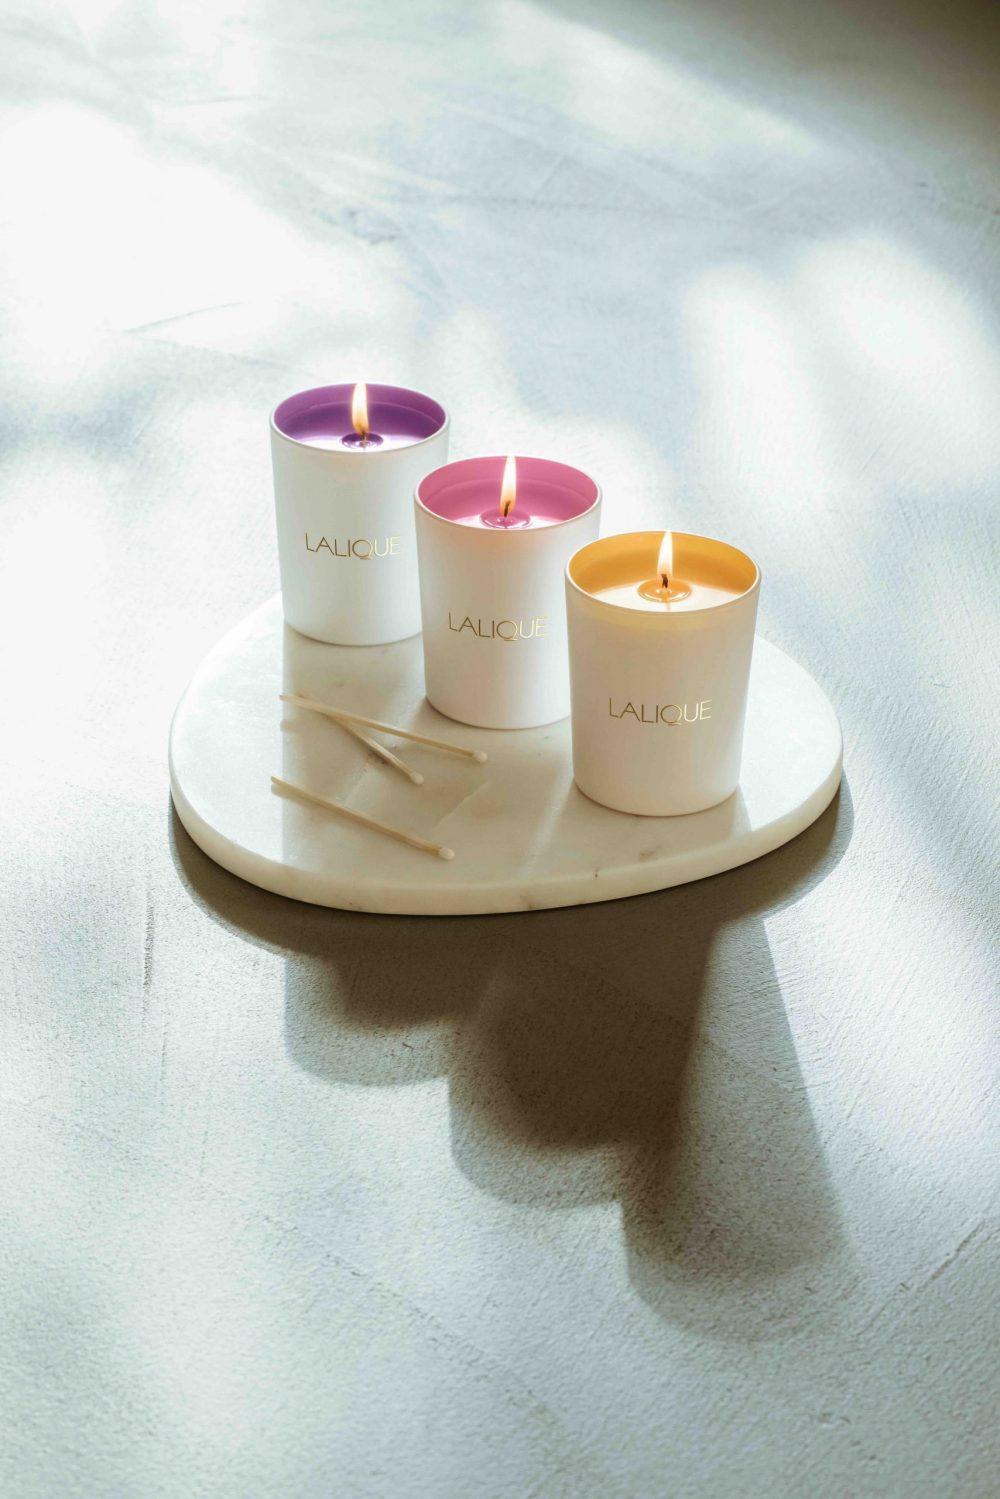 Lalique scented candles - Compositions Parfumées